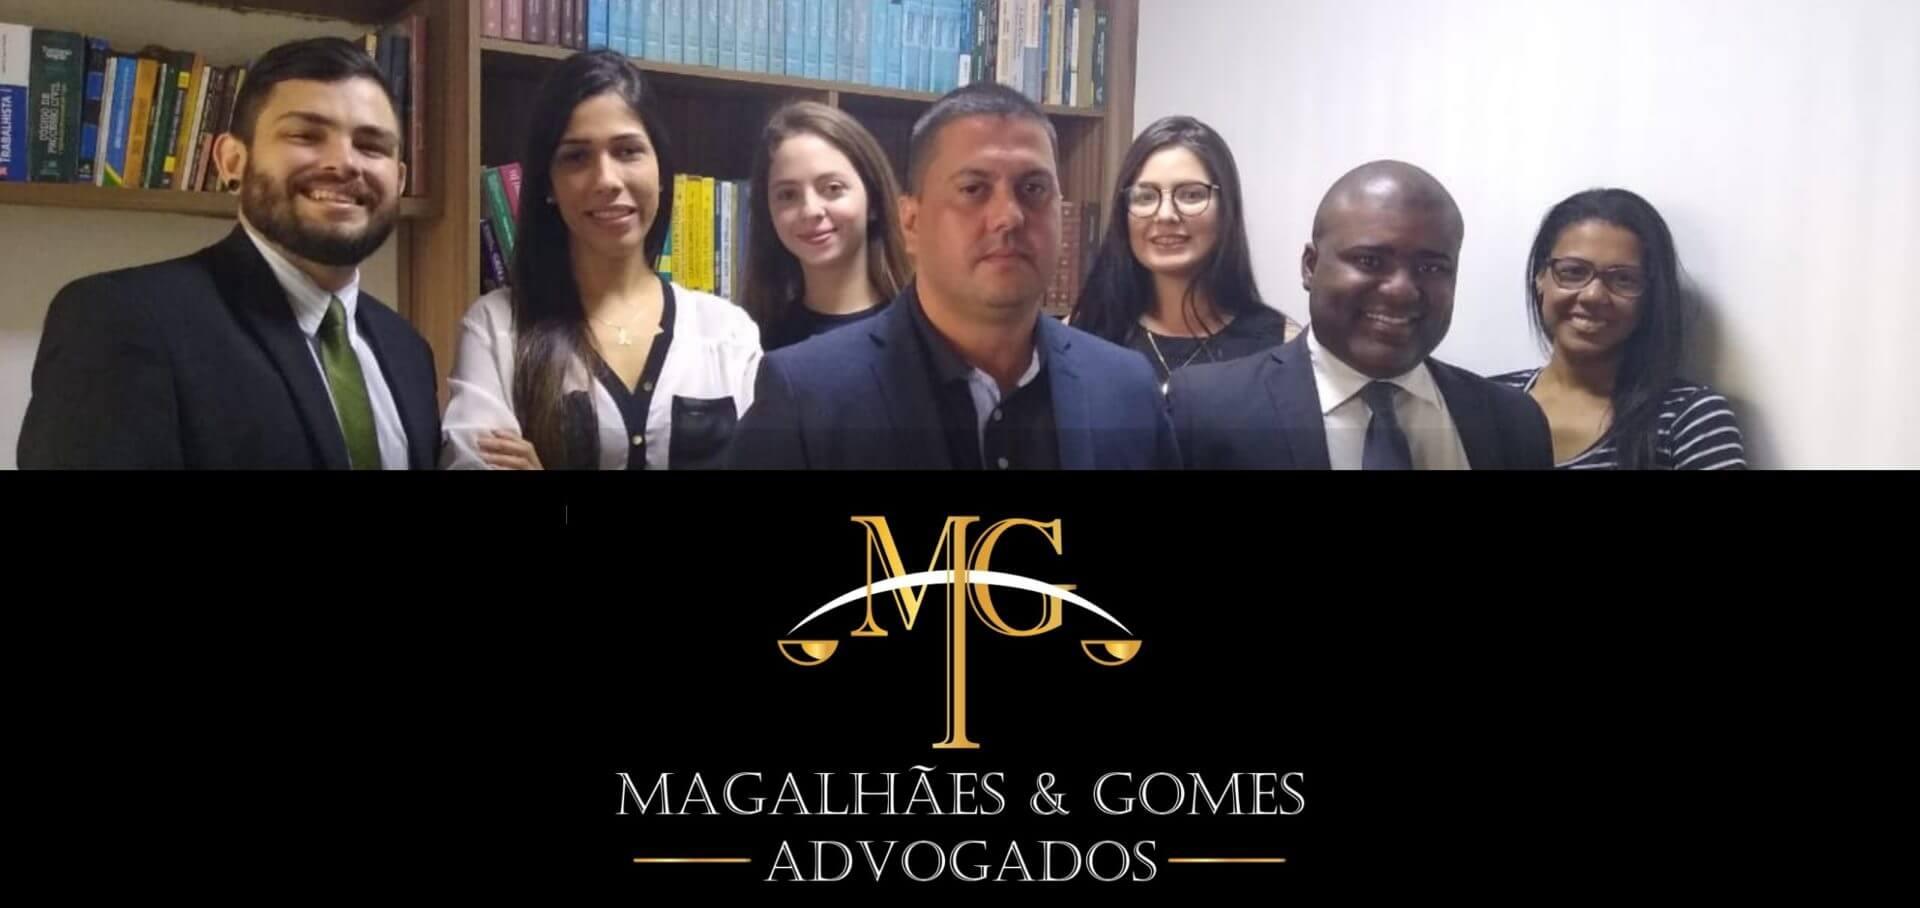 Advogado em Angra dos Reis, Mangaratiba, Paraty e Região